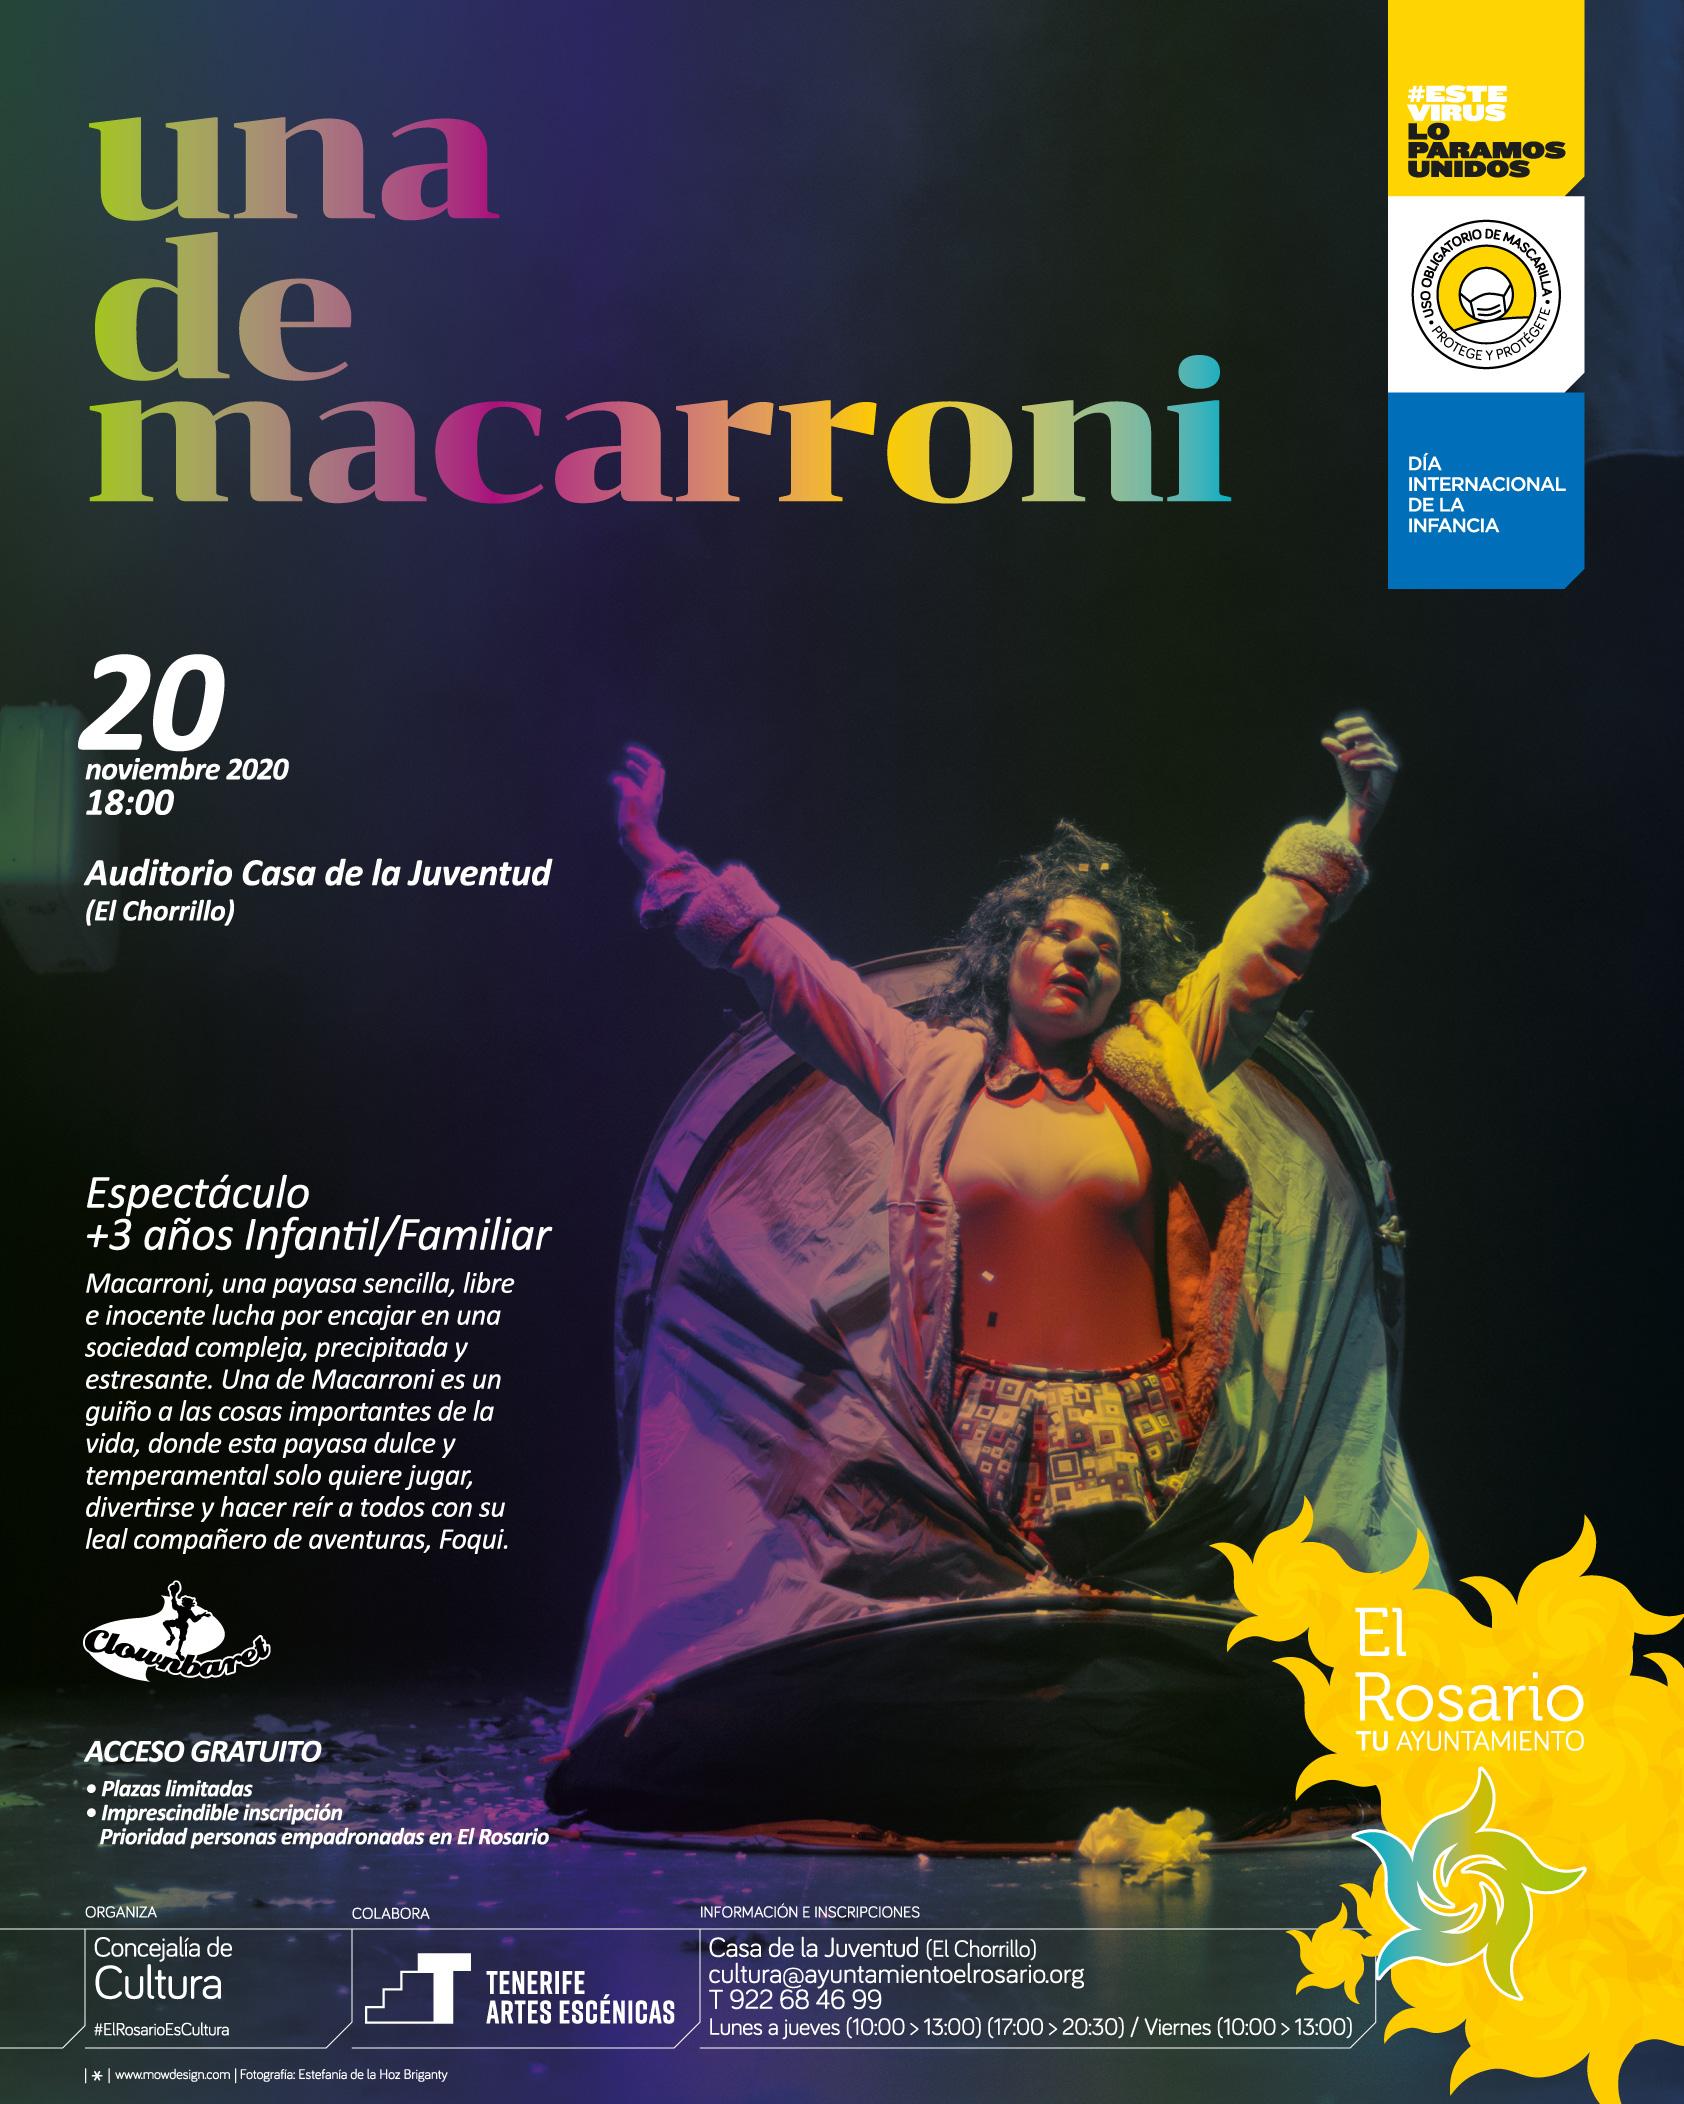 EL_ROSARIO-UNA_DE_MACARRONI-20201120-CARTEL_A3-20201111-01af-redes